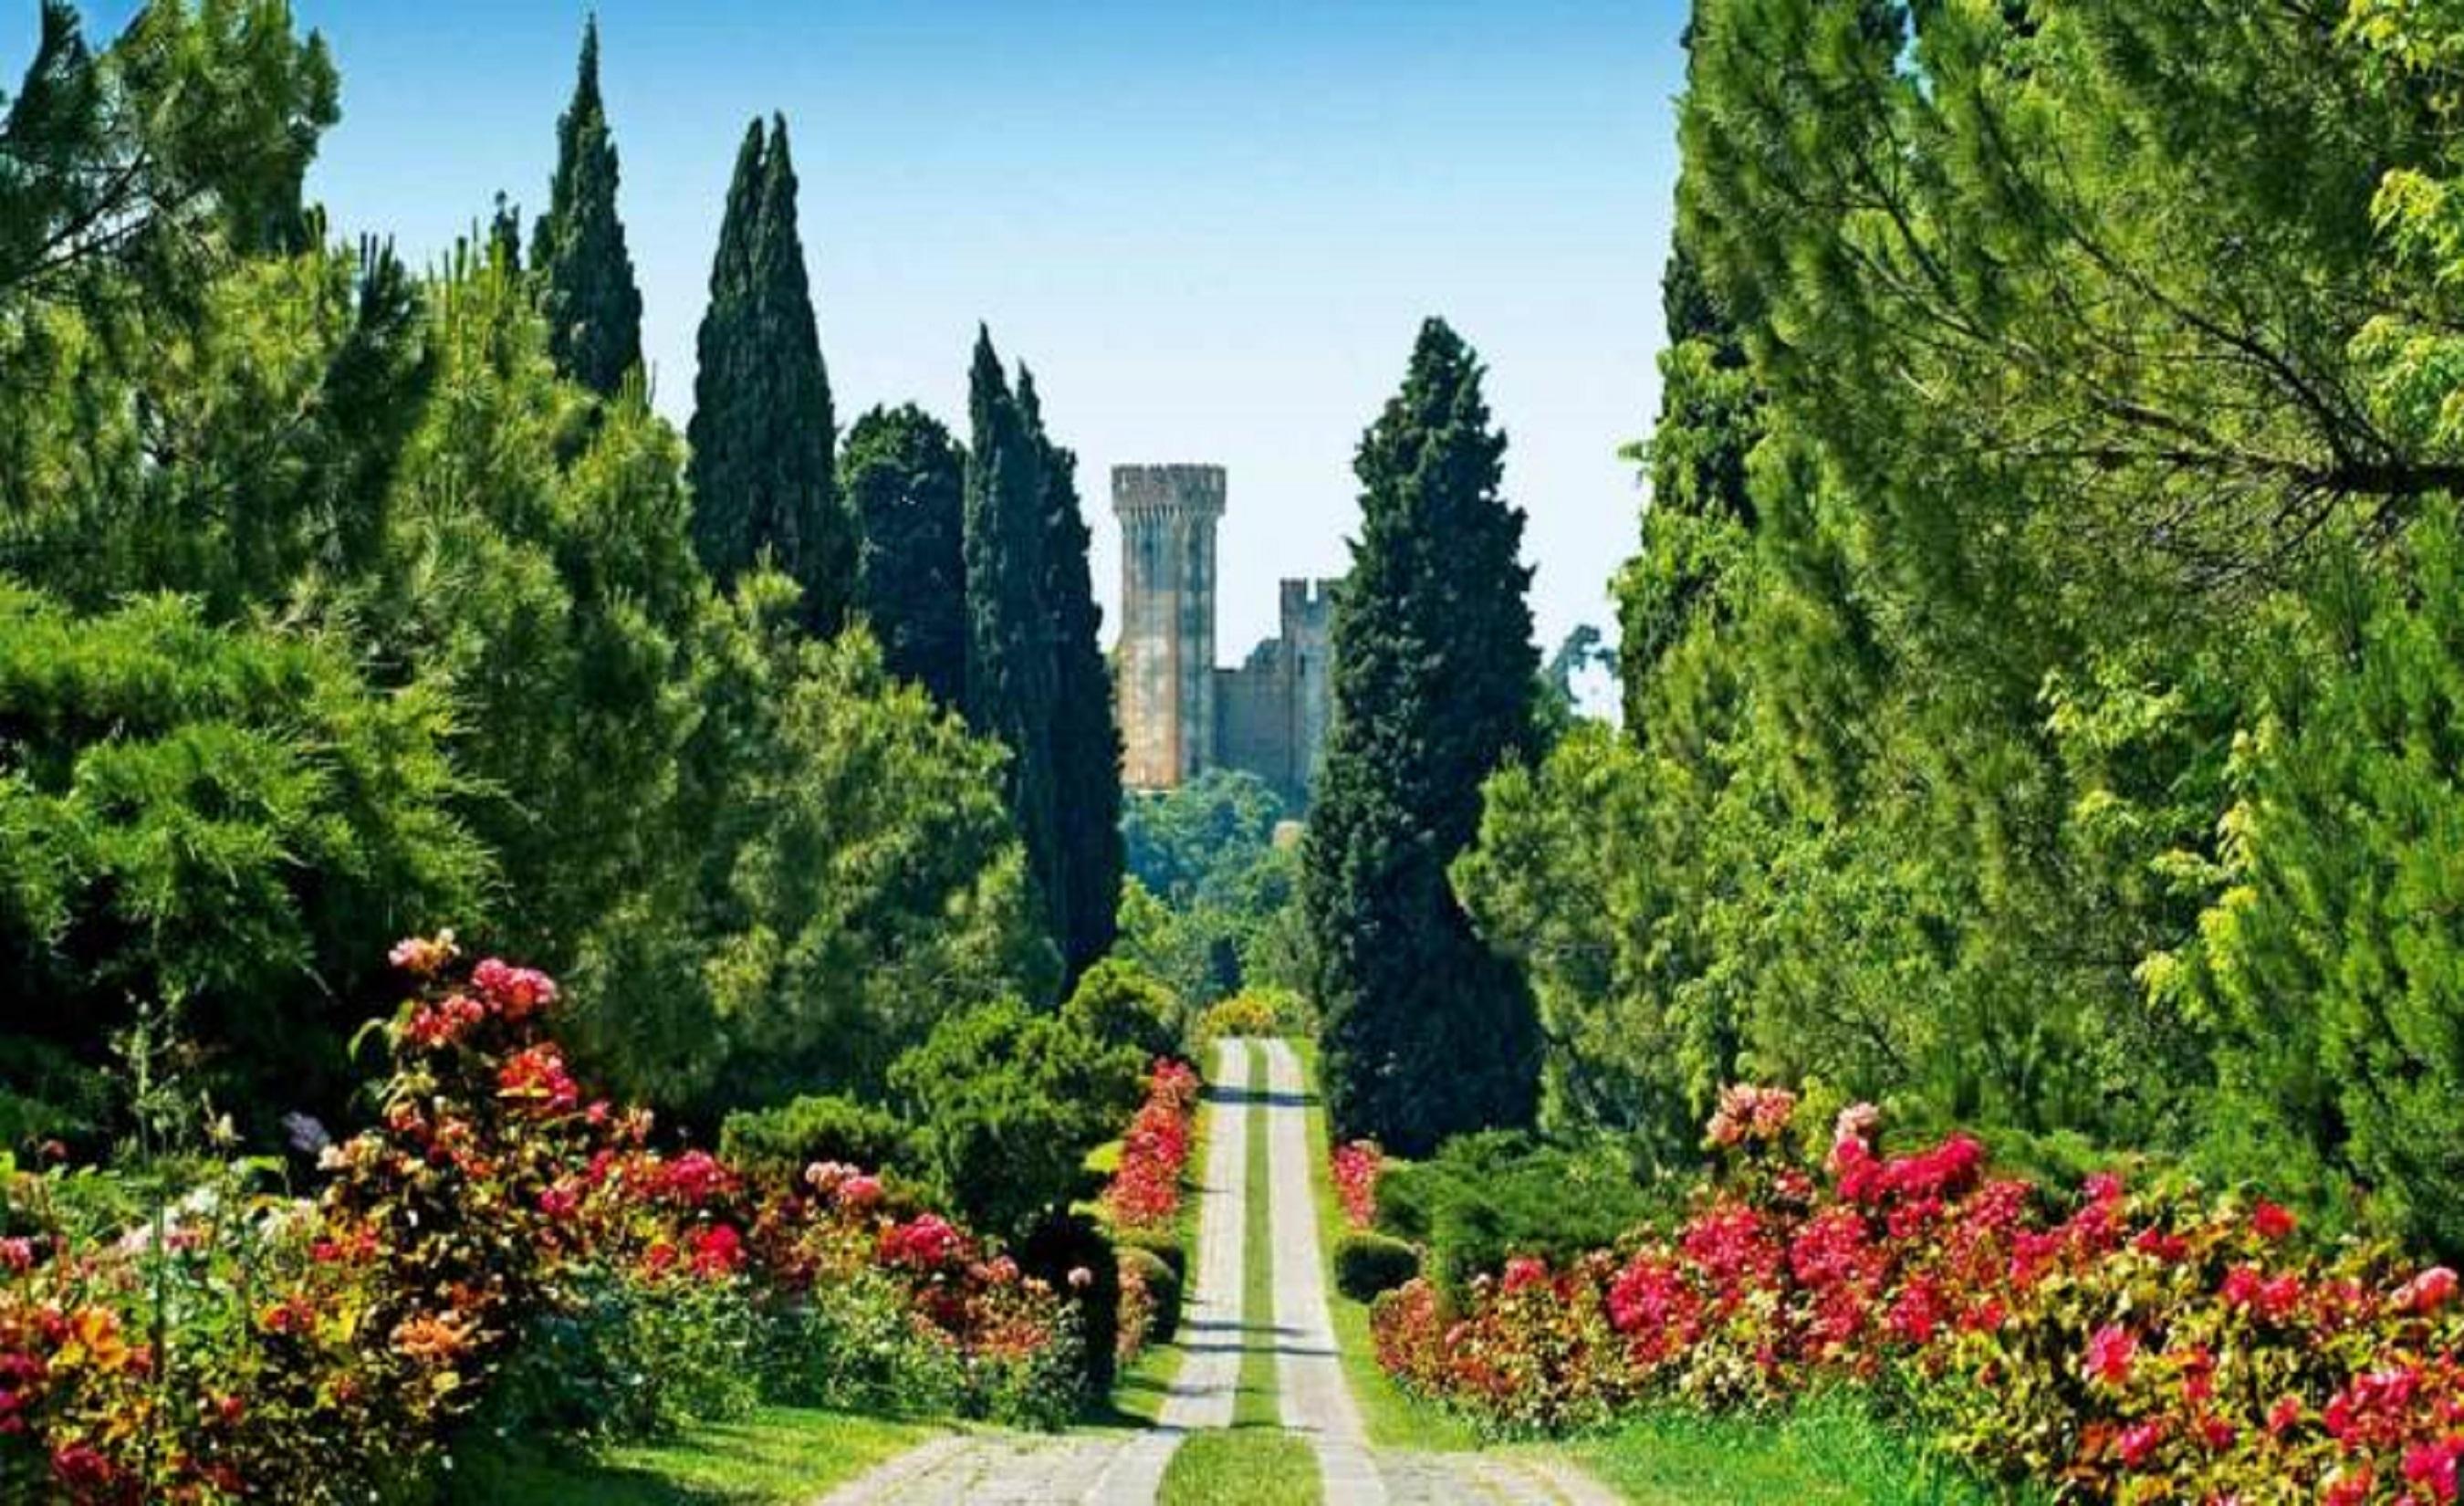 parco-giardino-sigurta-piu-bello-italiajpg